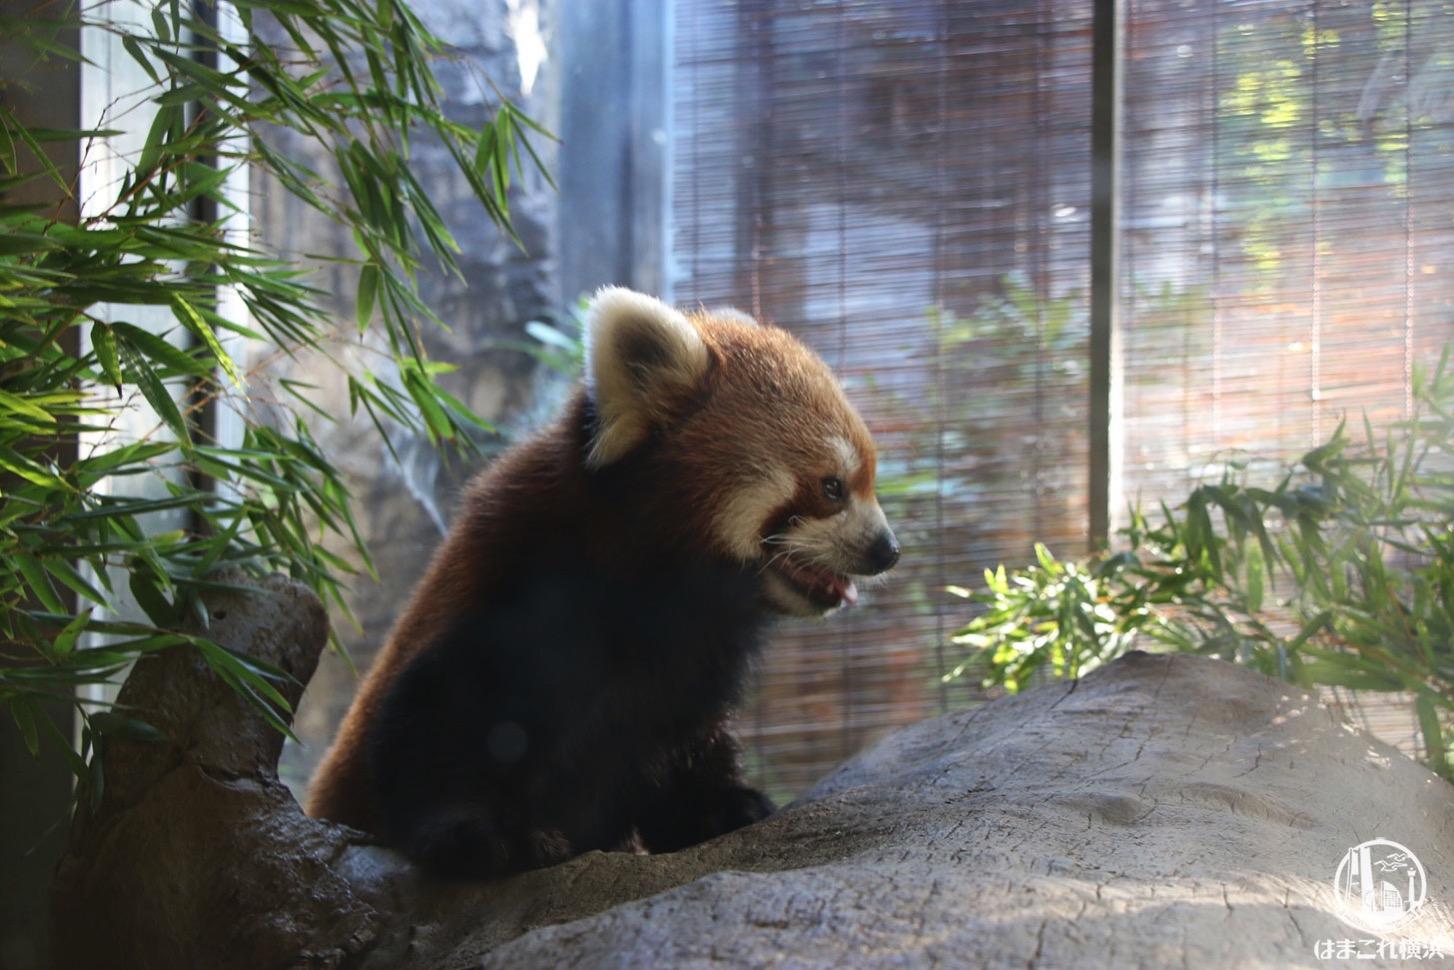 ナイトズーラシア レッサーパンダ